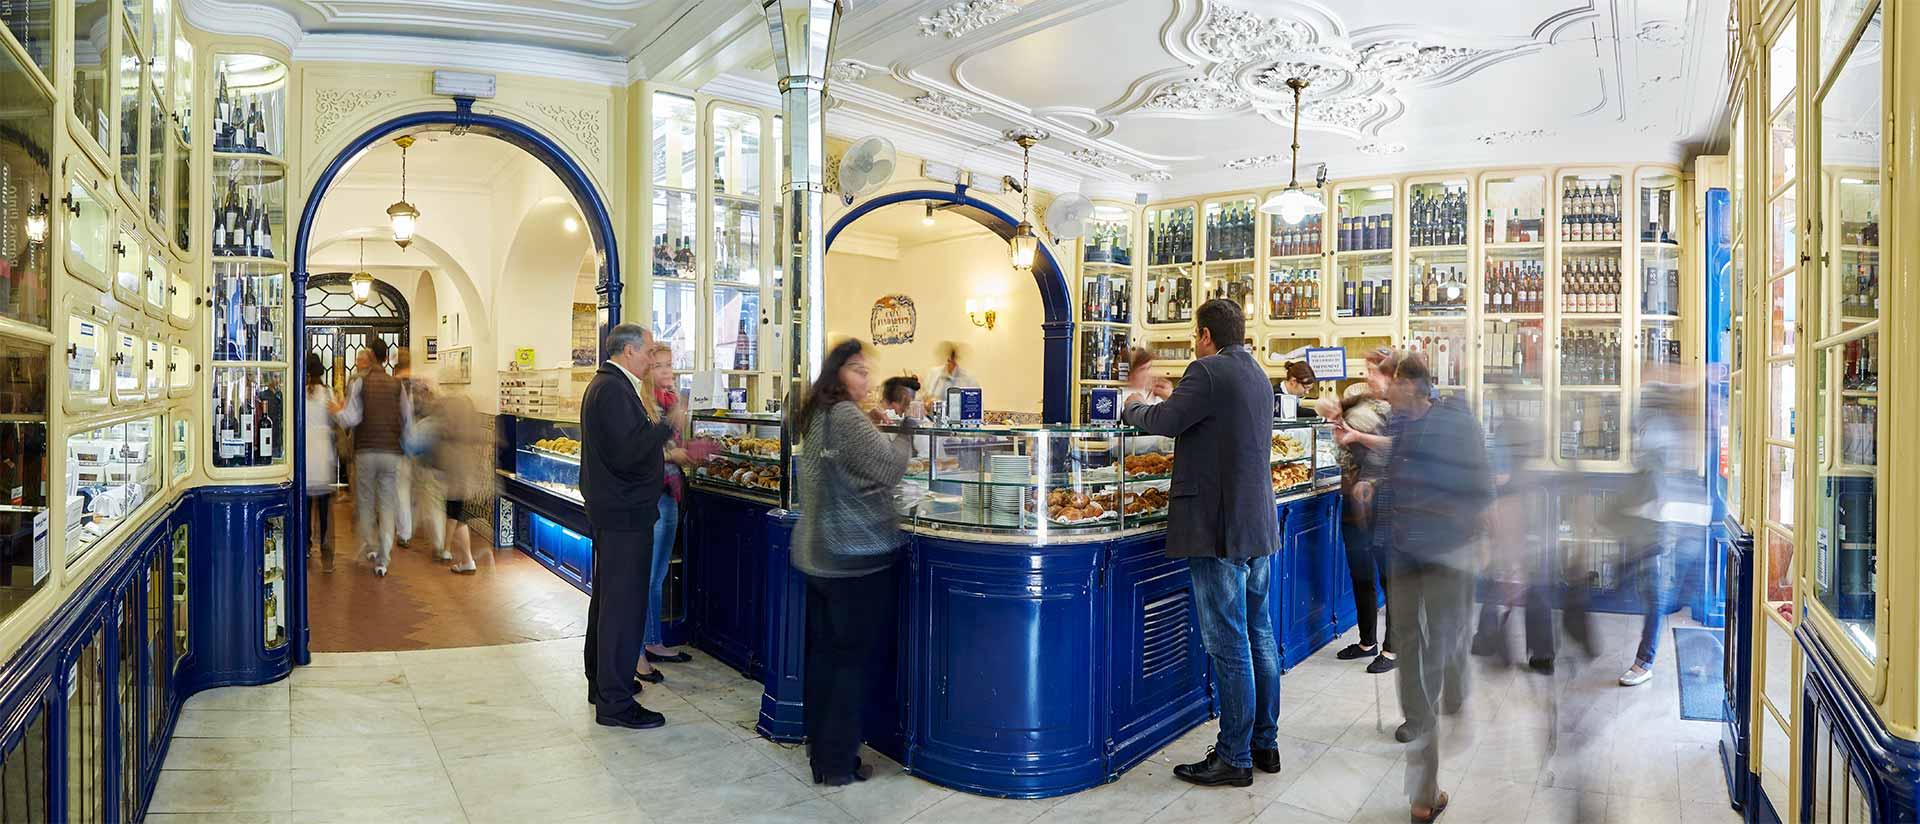 Lisbonne  « Pastéis de Belém », la meilleure pâtisserie du monde où l\u0027on  se régale pour seulement 1\u20ac